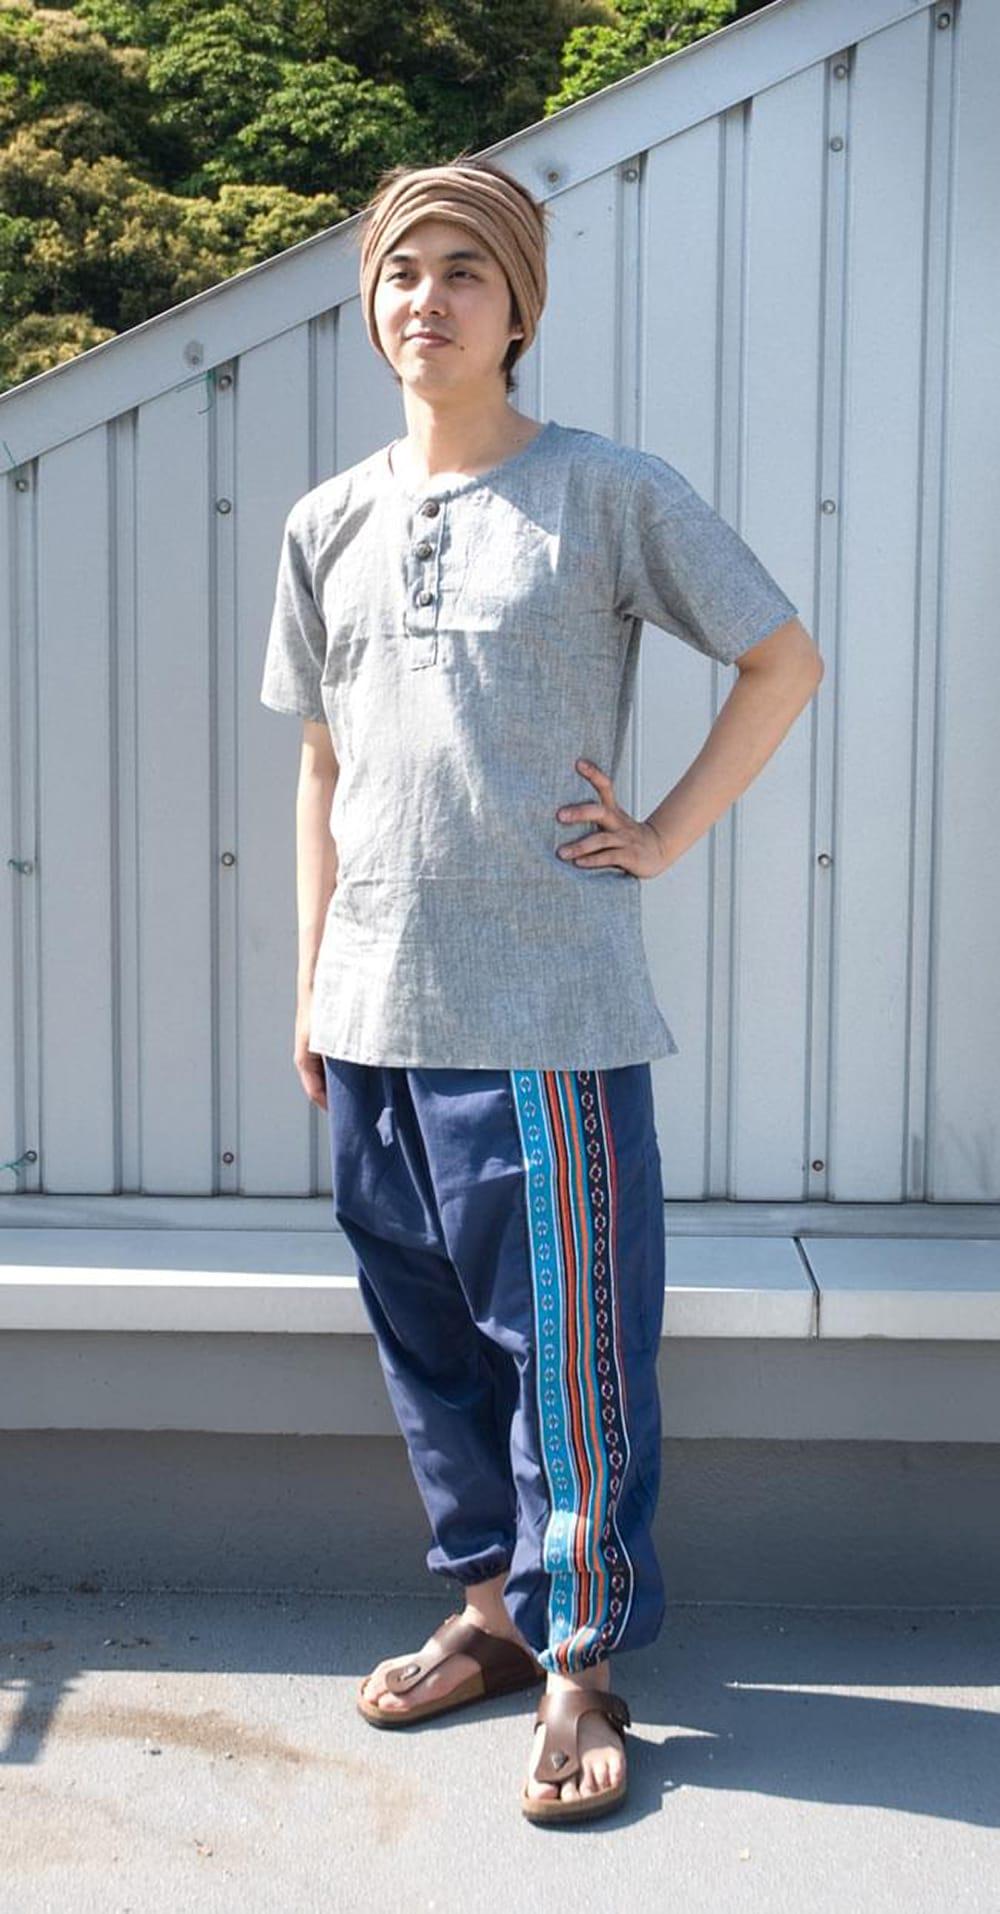 ネパールゲリのアフガンパンツ 【青】 6 - 身長170cmのスタッフに着用してもらいました。女性でも男性でも問題なく着れますよ!